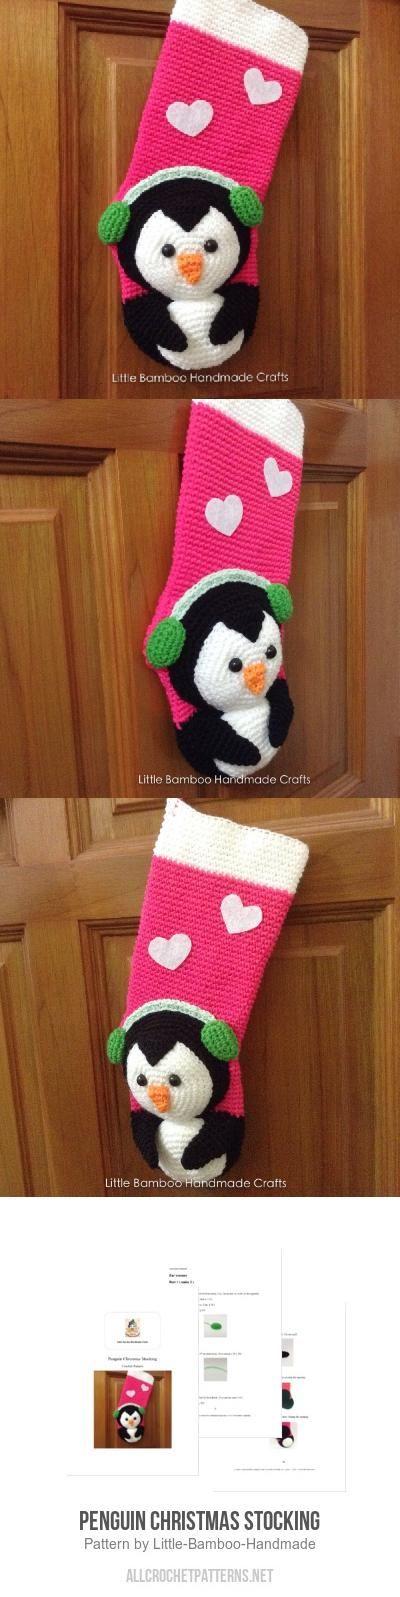 Penguin Christmas Stocking crochet pattern by Little Bamboo Handmade ...